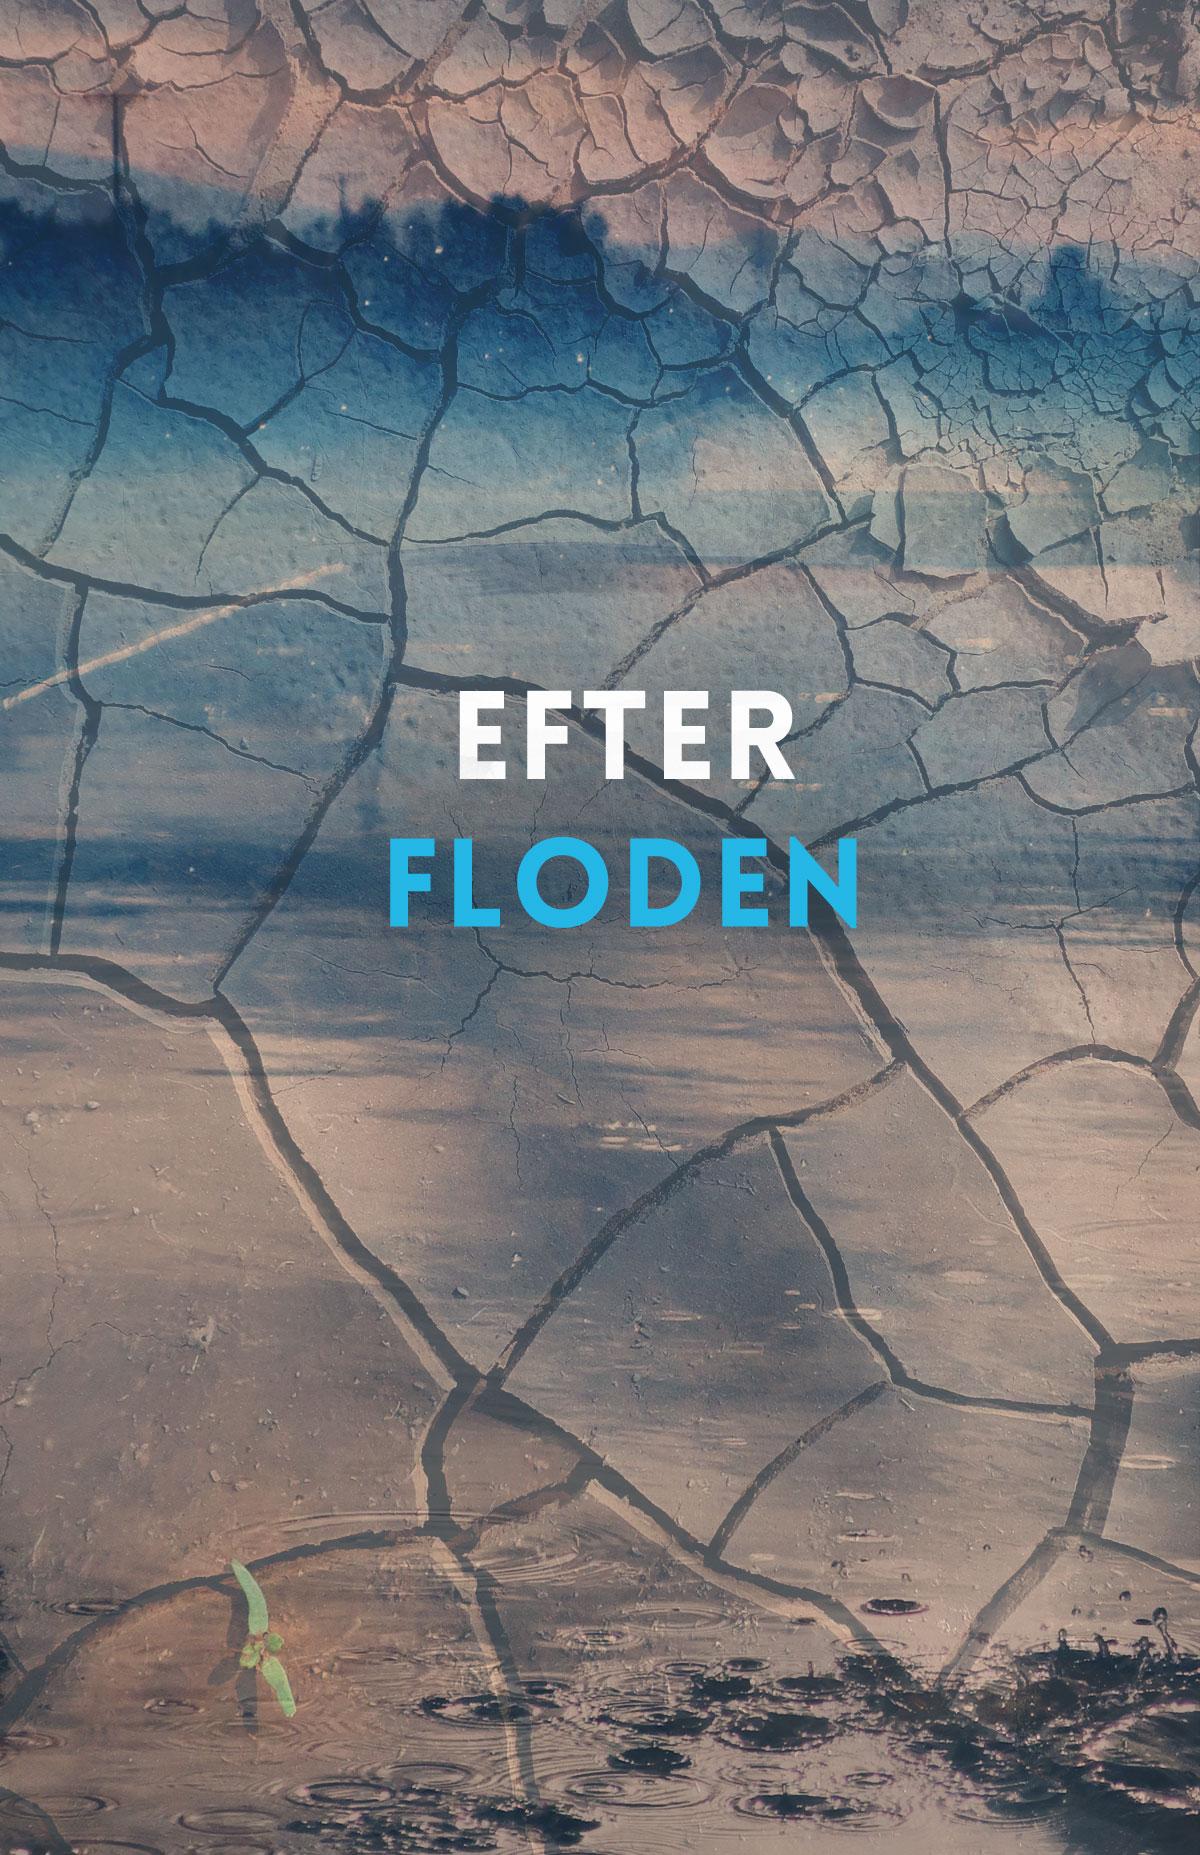 EFTER_FLODEN_posterskiss.jpg